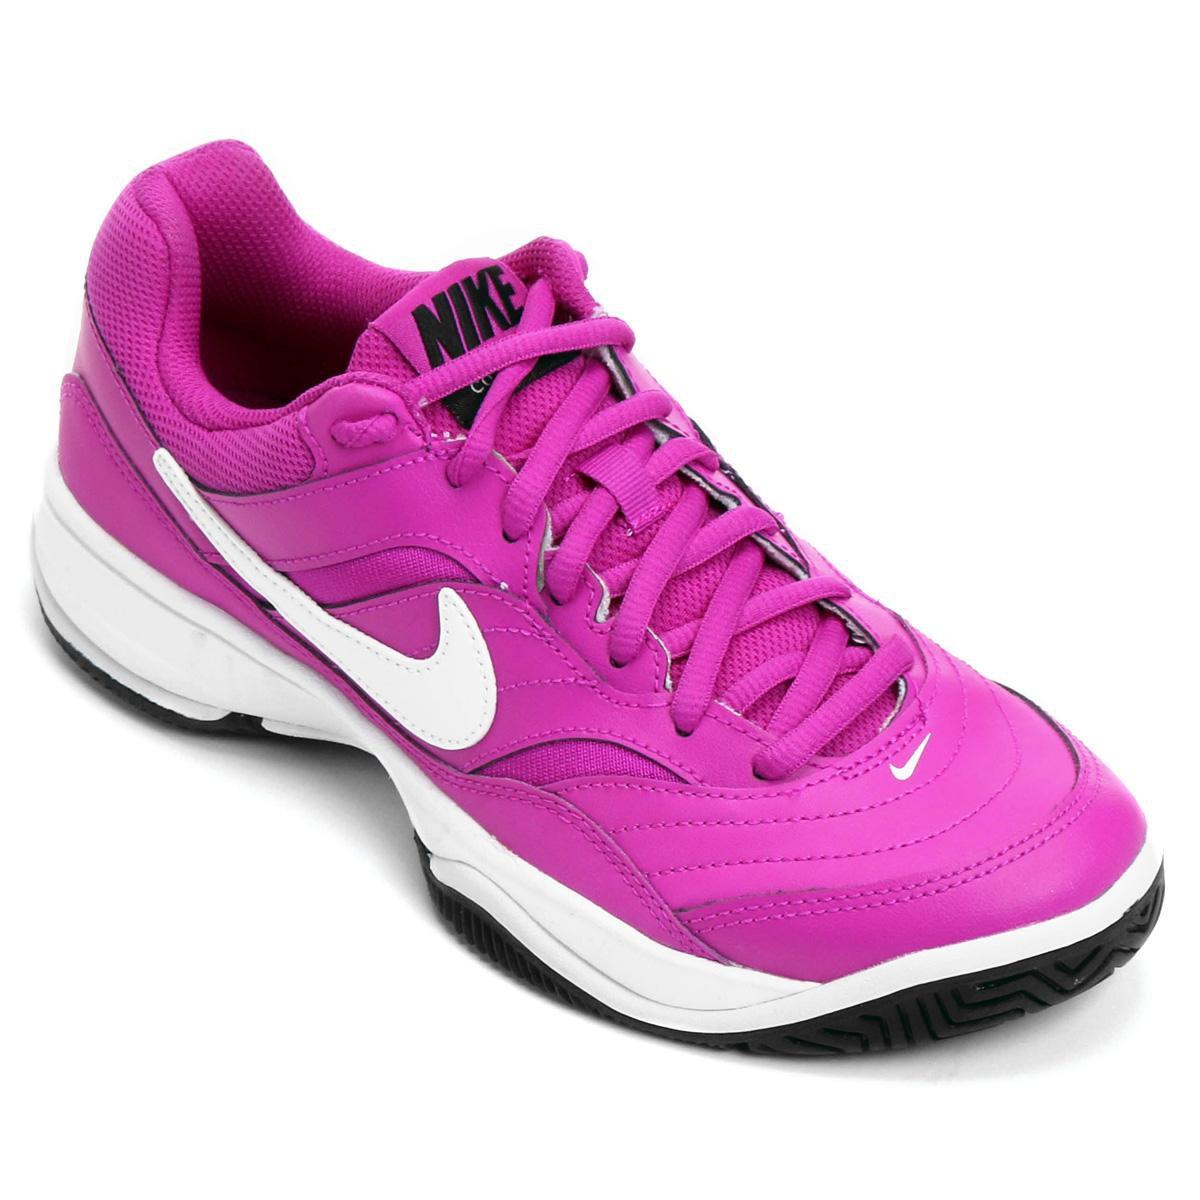 Tênis Nike Wmns Nike Court Lite Feminino Compre Shop Agora Shop Compre  Timão 50c868 dea62a835db1e